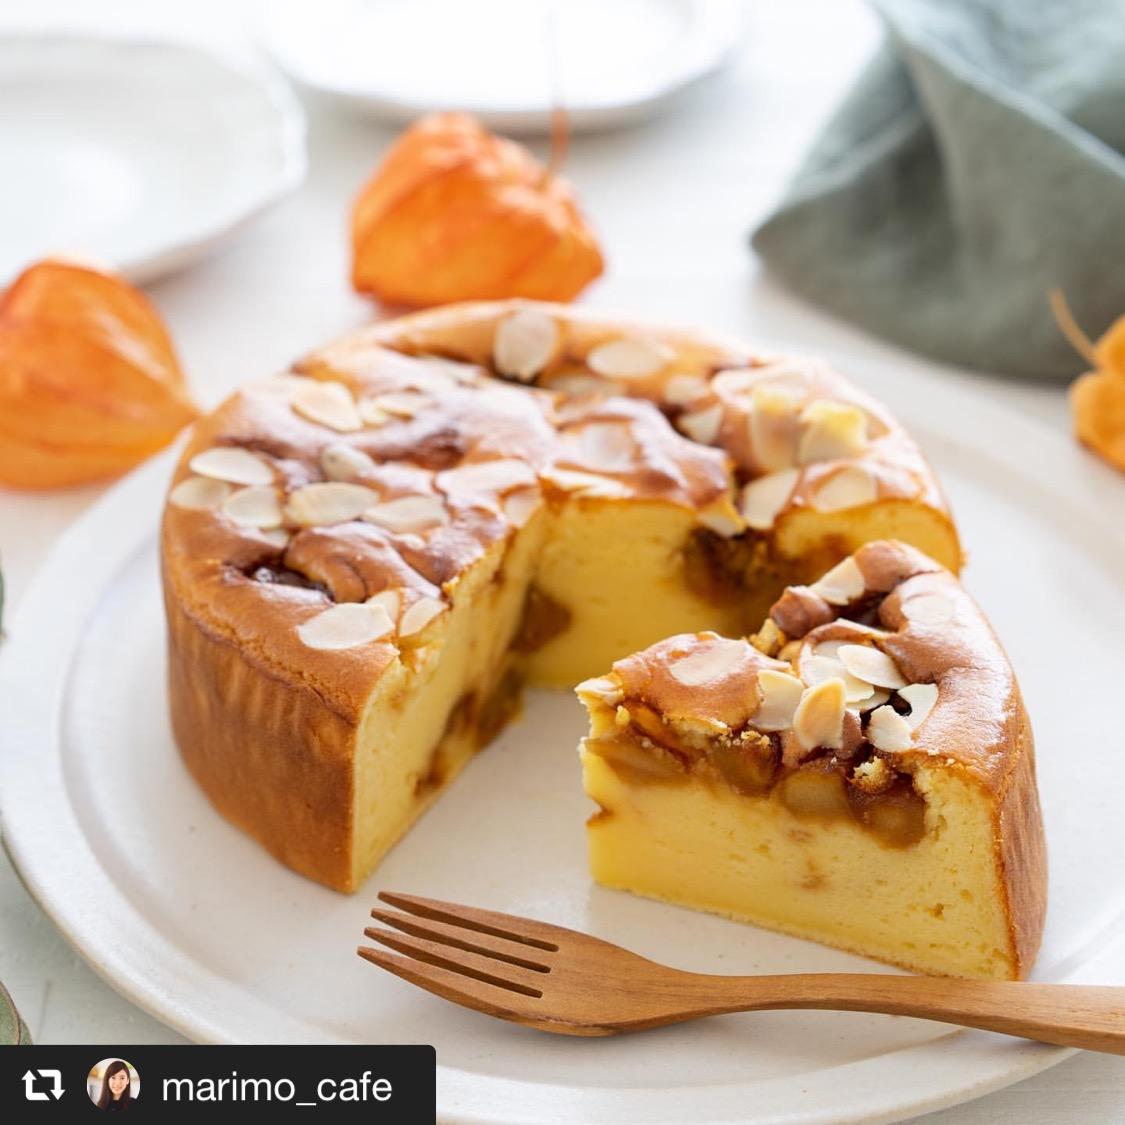 キャラメルりんごチーズケーキ 画像1